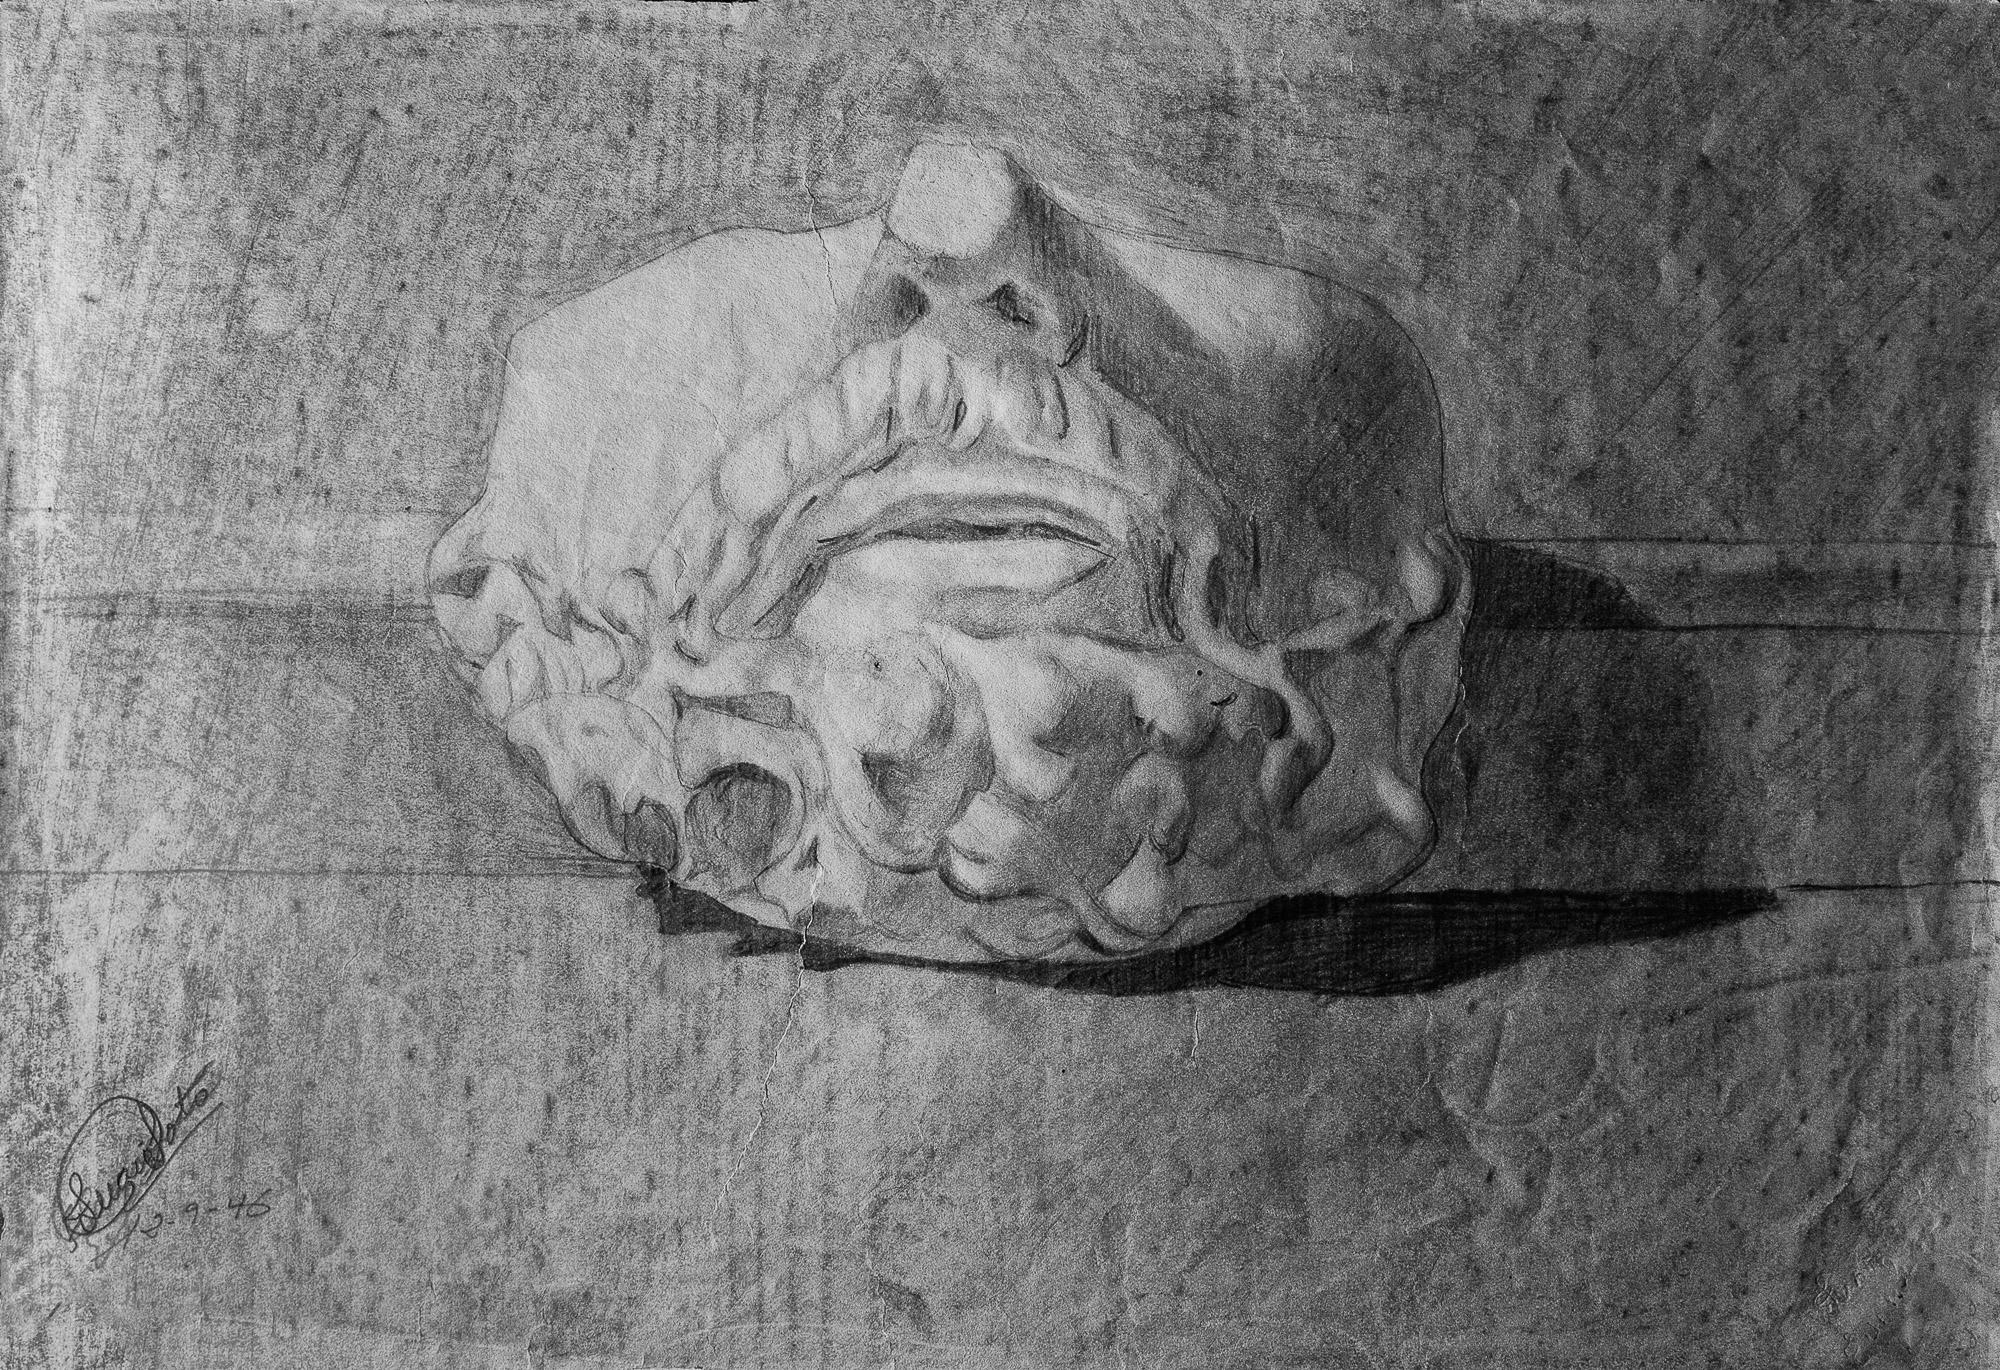 Juan Soto. Obra temprana 1946. Carboncillo sobre papel. 23,5 x 34,5 cm.